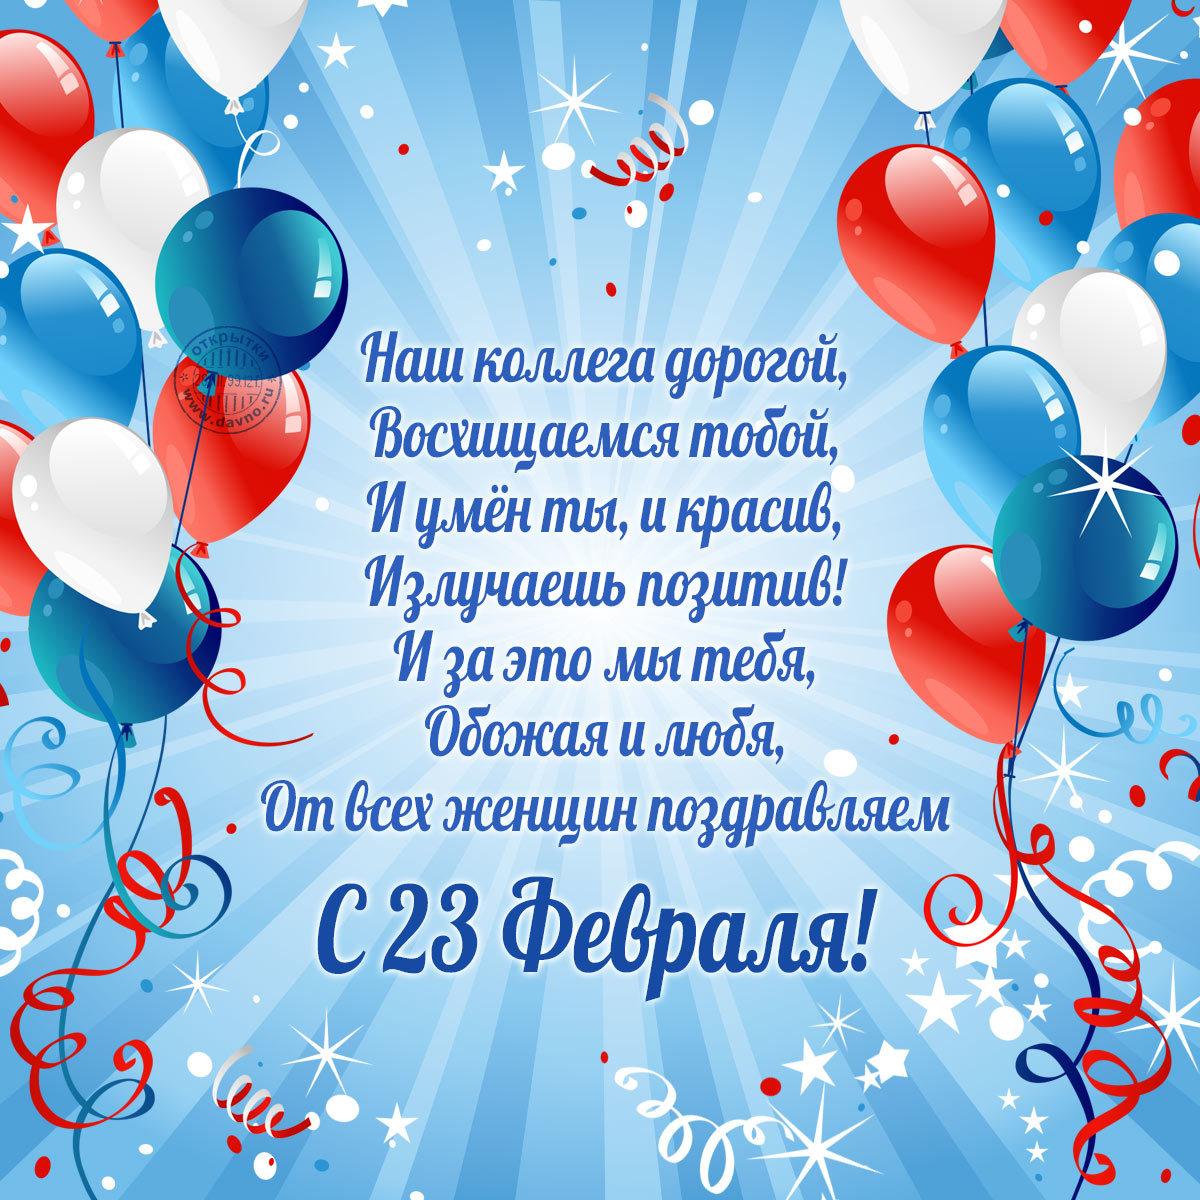 Ветерану, открытки поздравления в 23 февраля коллег